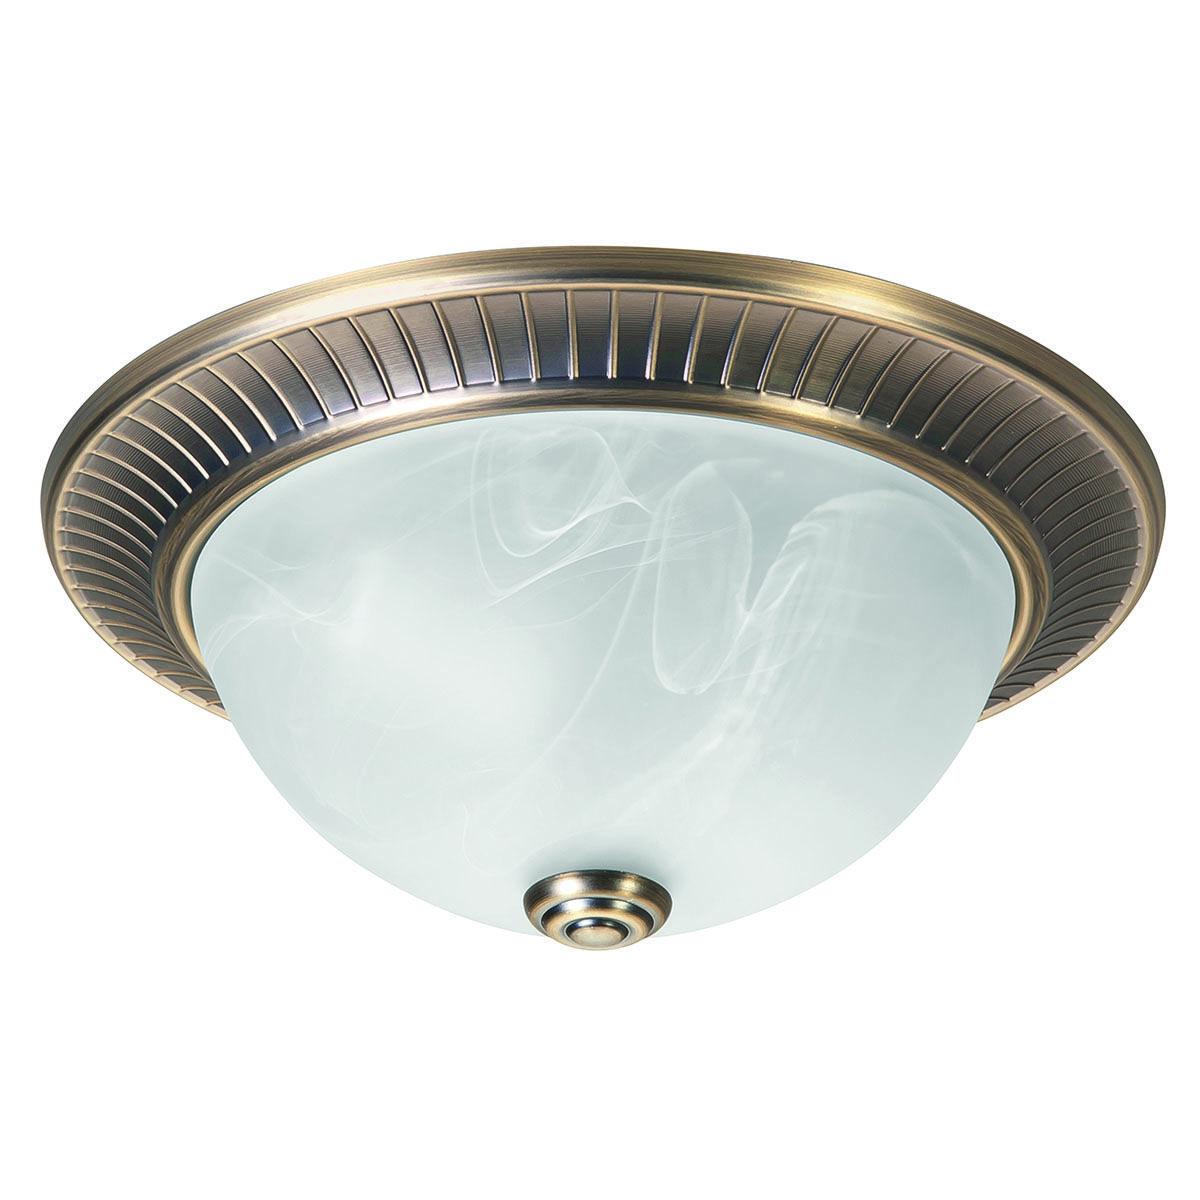 Plafonnier Klassiek2 32 Cm Brons Glasgewolkt Centraaldoos Bevestiging High Light In 2020 Lampen Maken Brons Verlichting